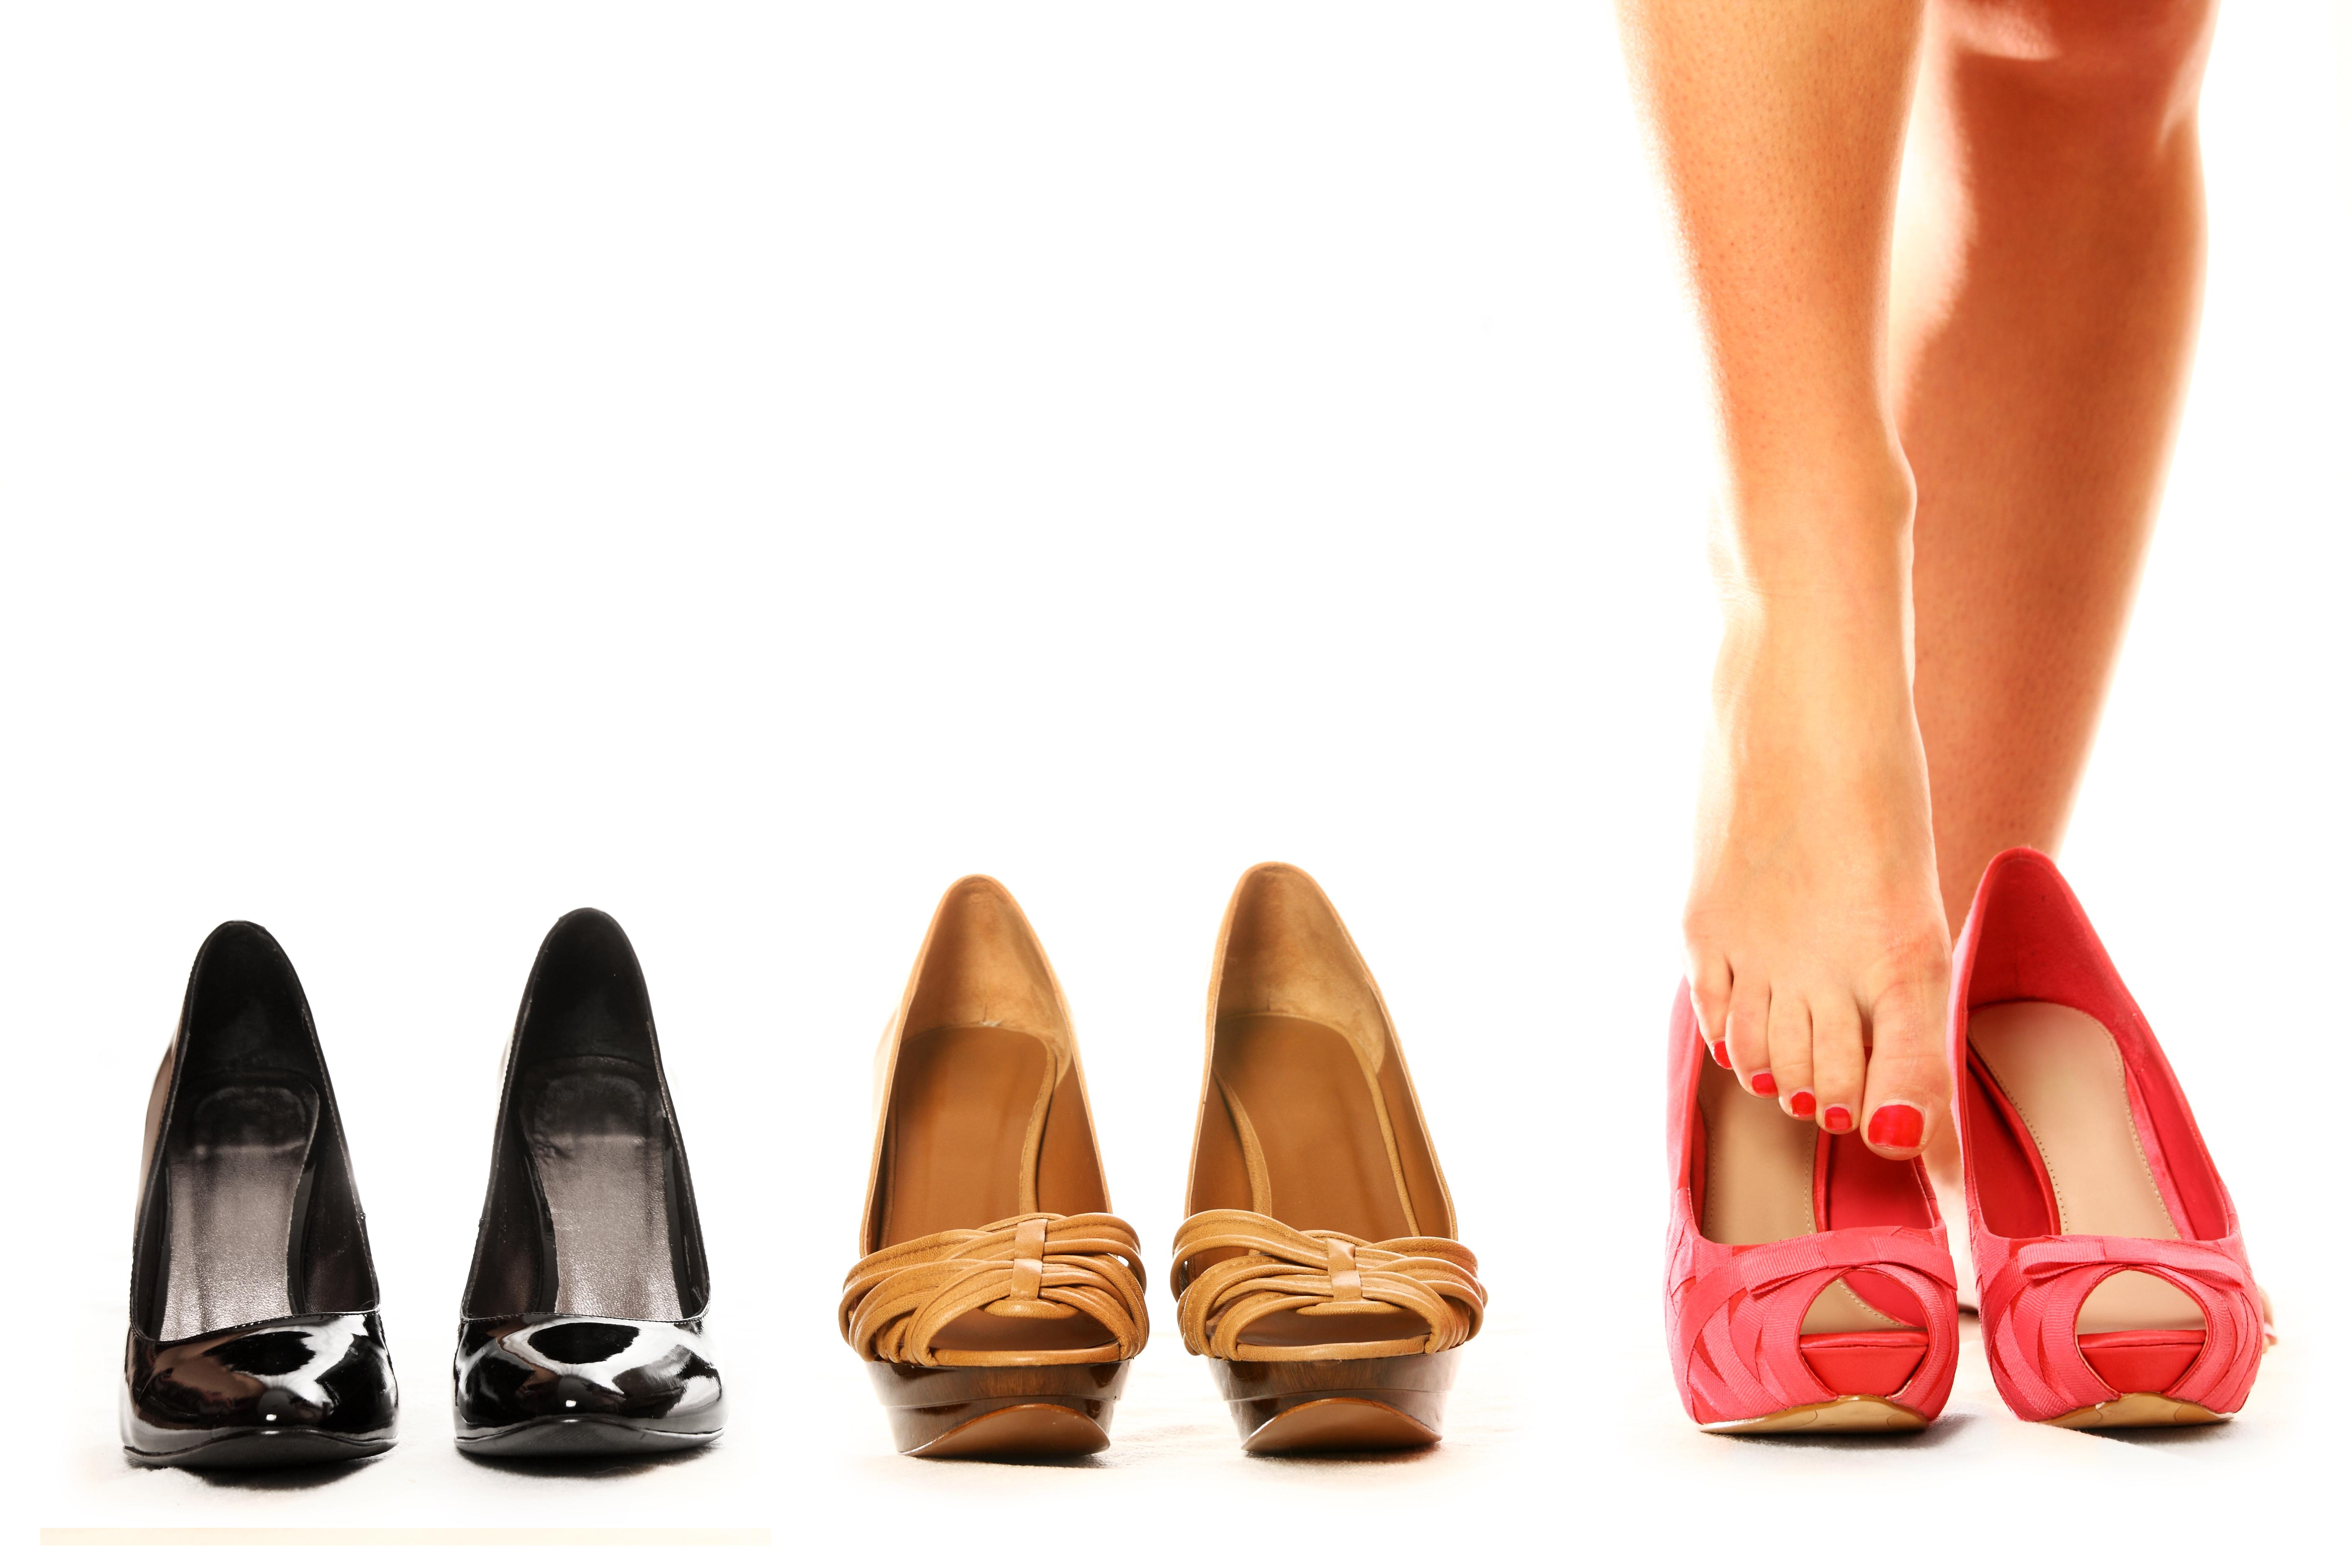 Trucos Para Aflojar Los Zapatos Nuevos Shows Entre Amigas Univision